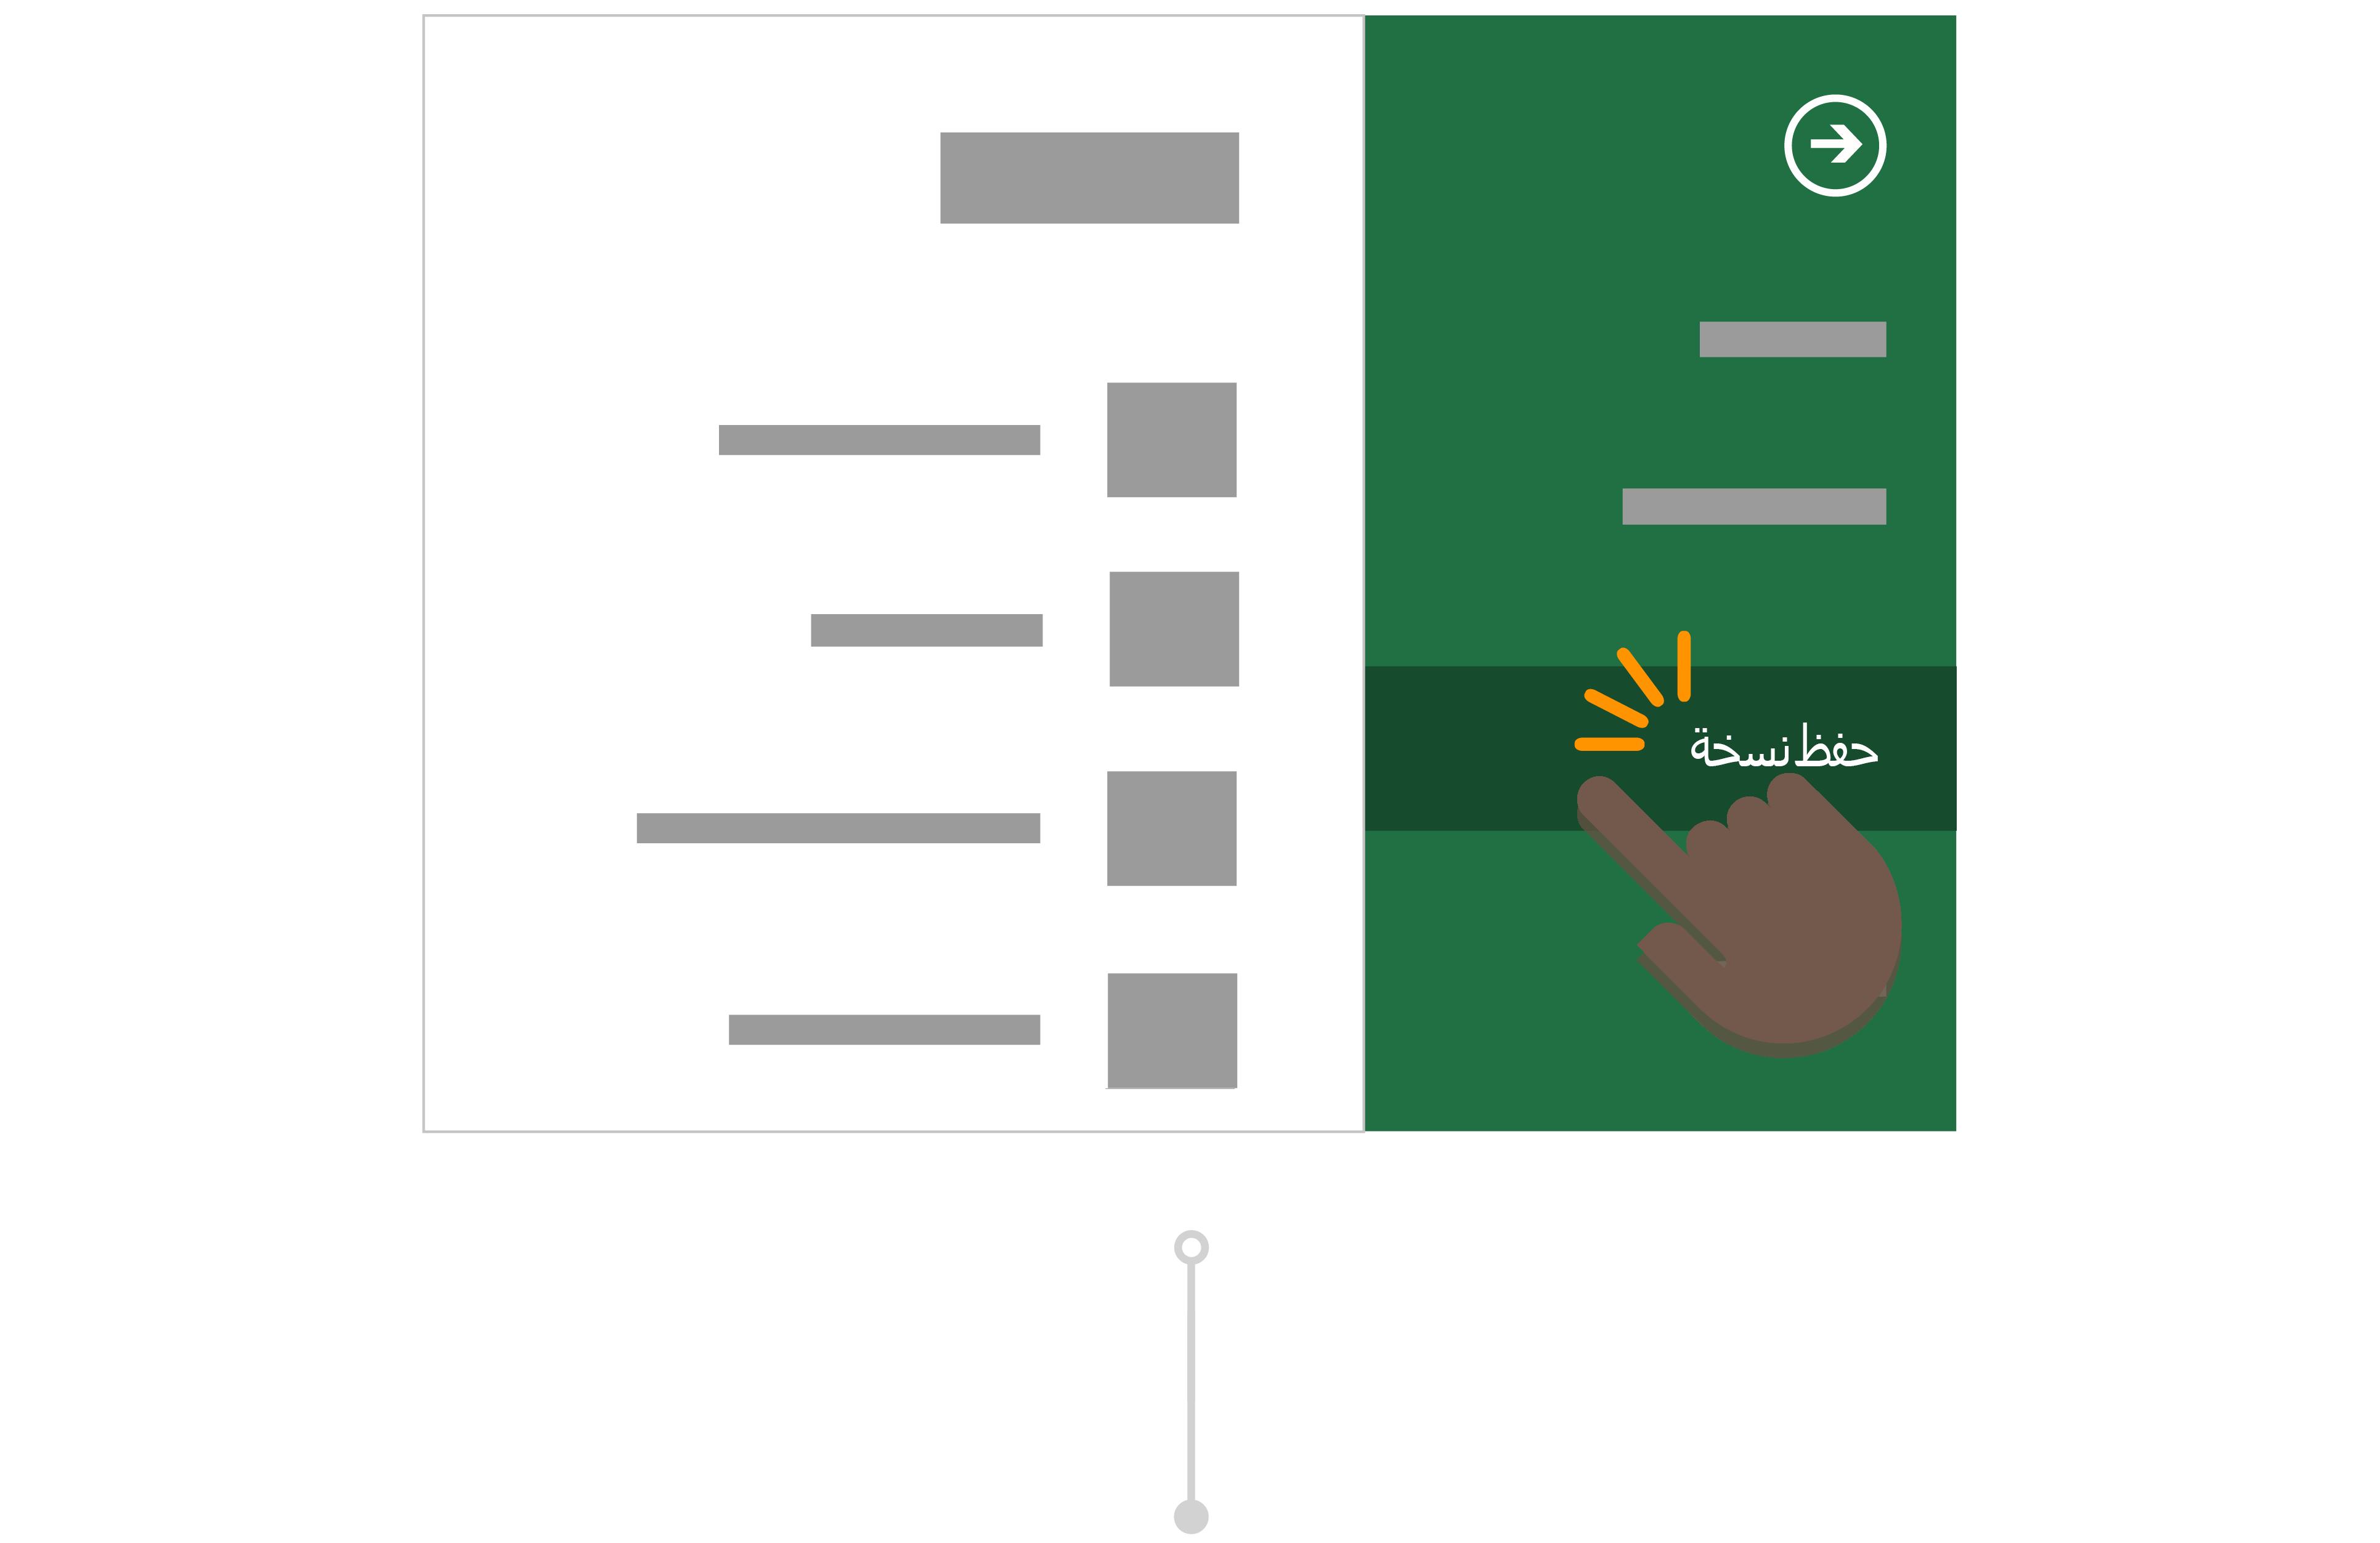 """يستخدم ل# اضافه """"حفظ نسخه"""" ل# حفظ نسخه التقرير الخاص به في OneDrive الخاص به."""